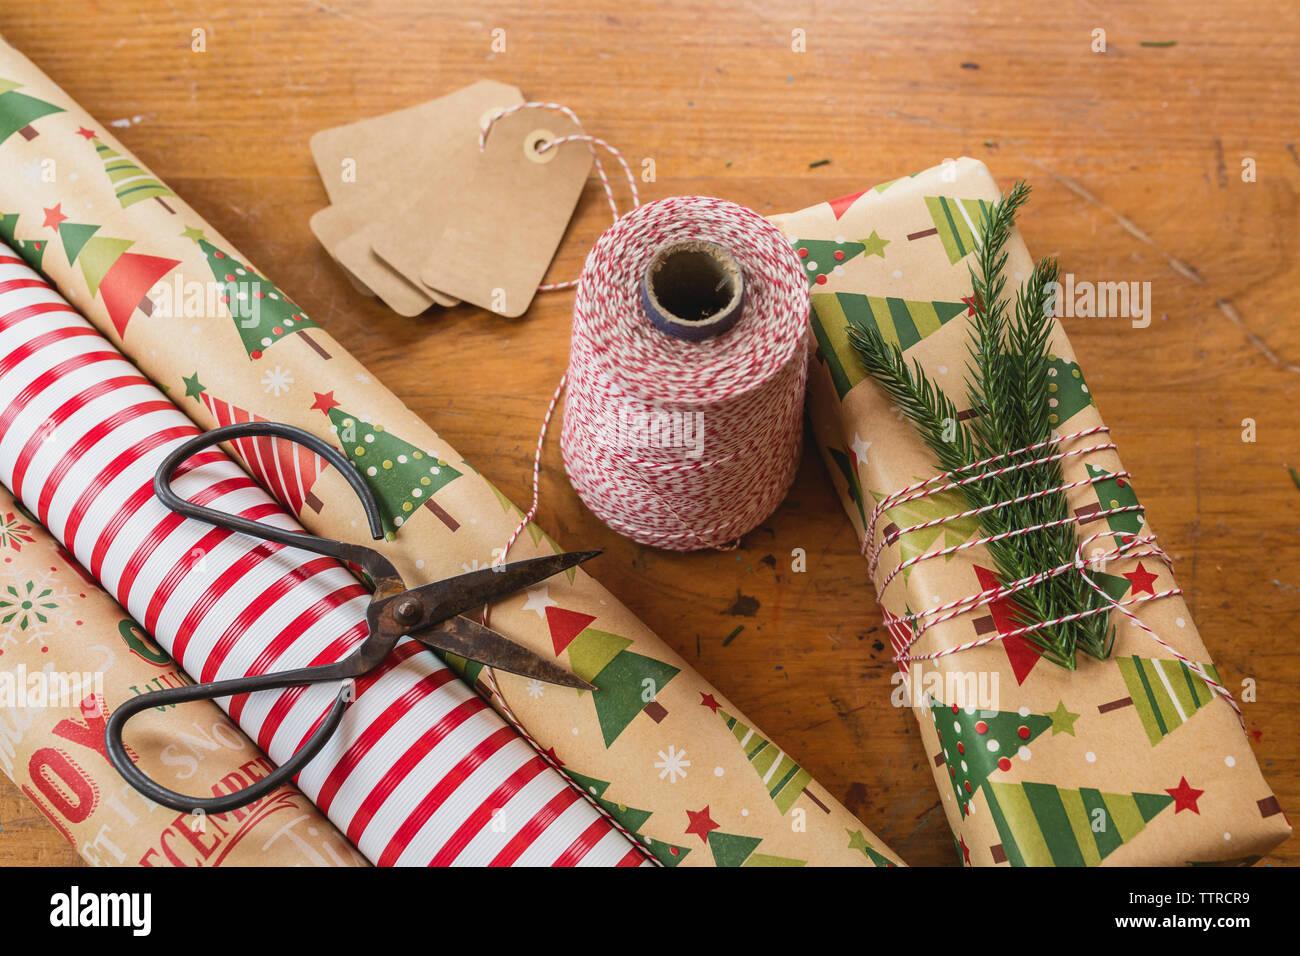 In der Nähe von Garn, Schere und rollte das Einwickeln von Dokumenten auf Tisch während Weihnachten Stockfoto